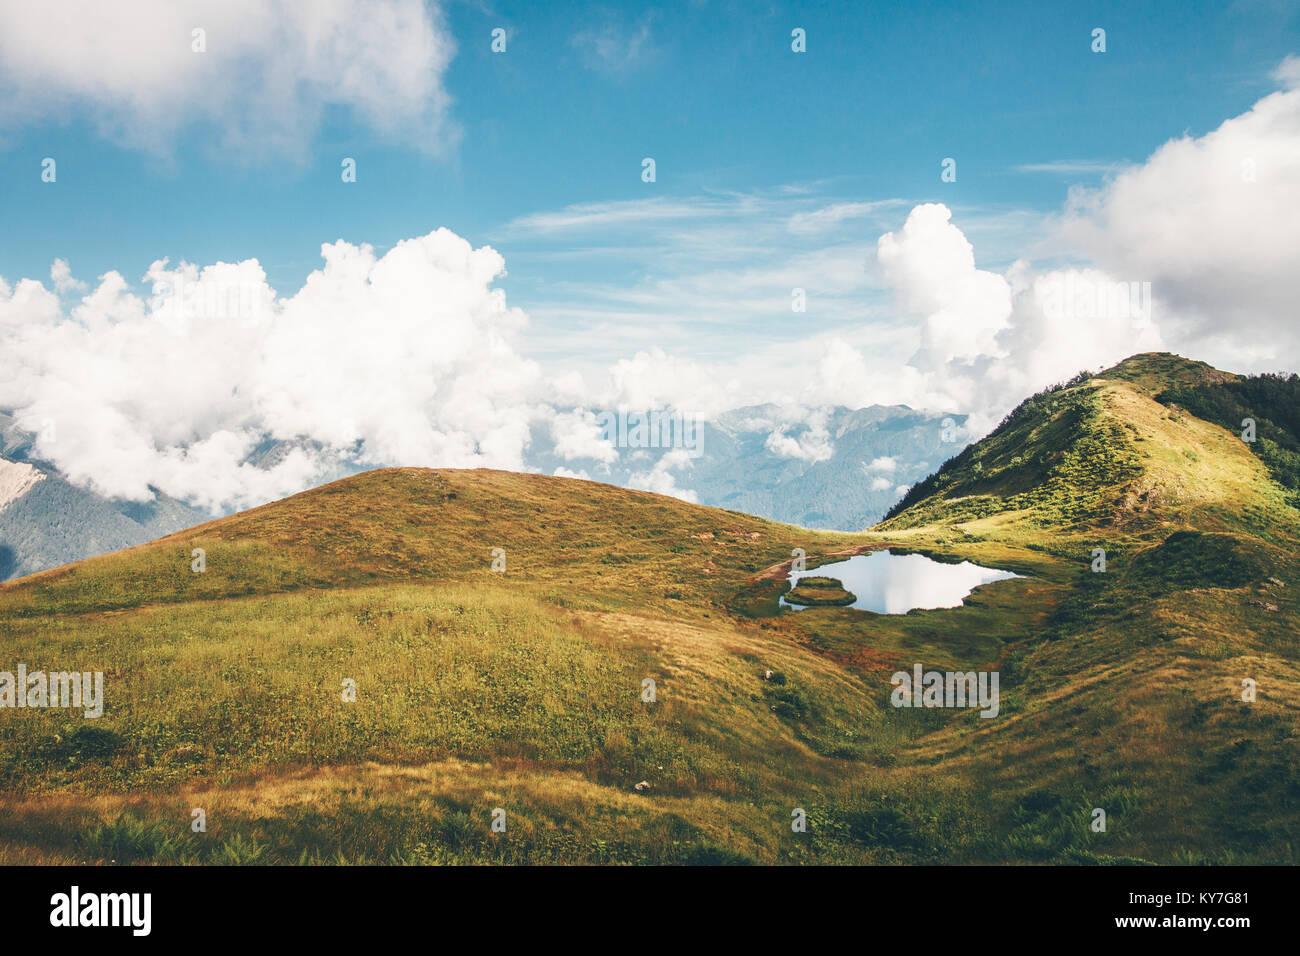 See und Berge Wolken Landschaft Sommer Reisen ruhigen malerischen Luftaufnahme atmosphärische Szene Stockbild